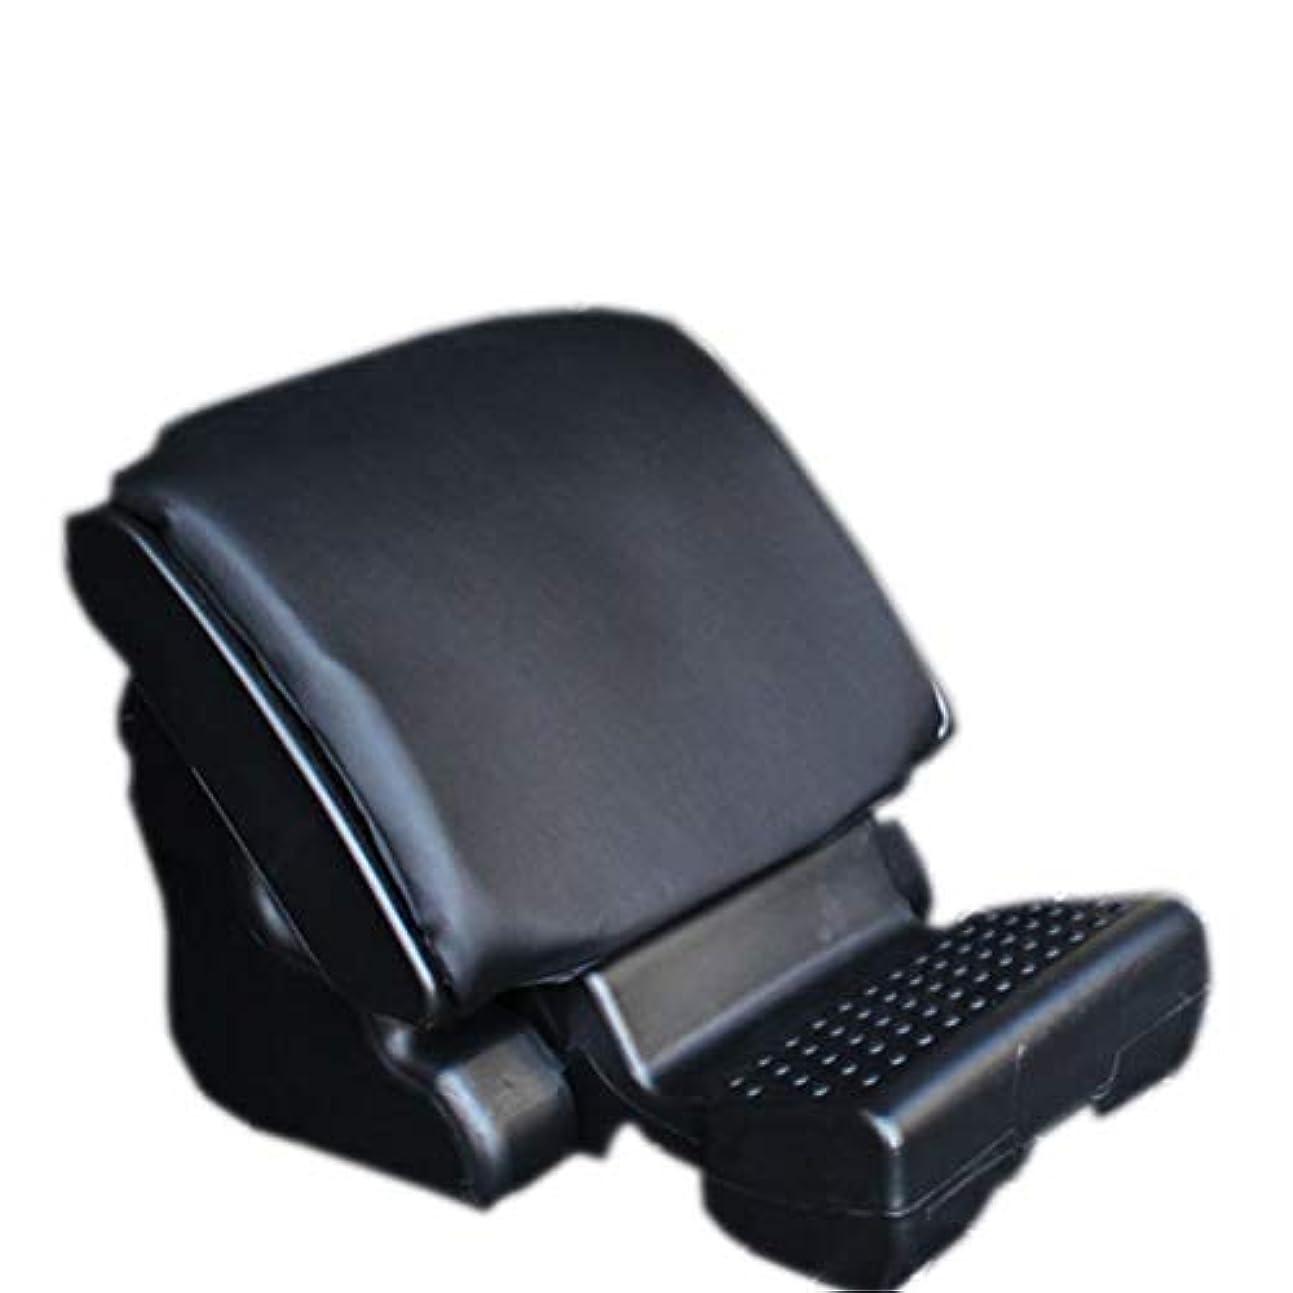 車の座席フットレストパッド、車のための人間工学的の足のマッサージのクッション、家、オフィス、よりよい循環のための高い足,Black